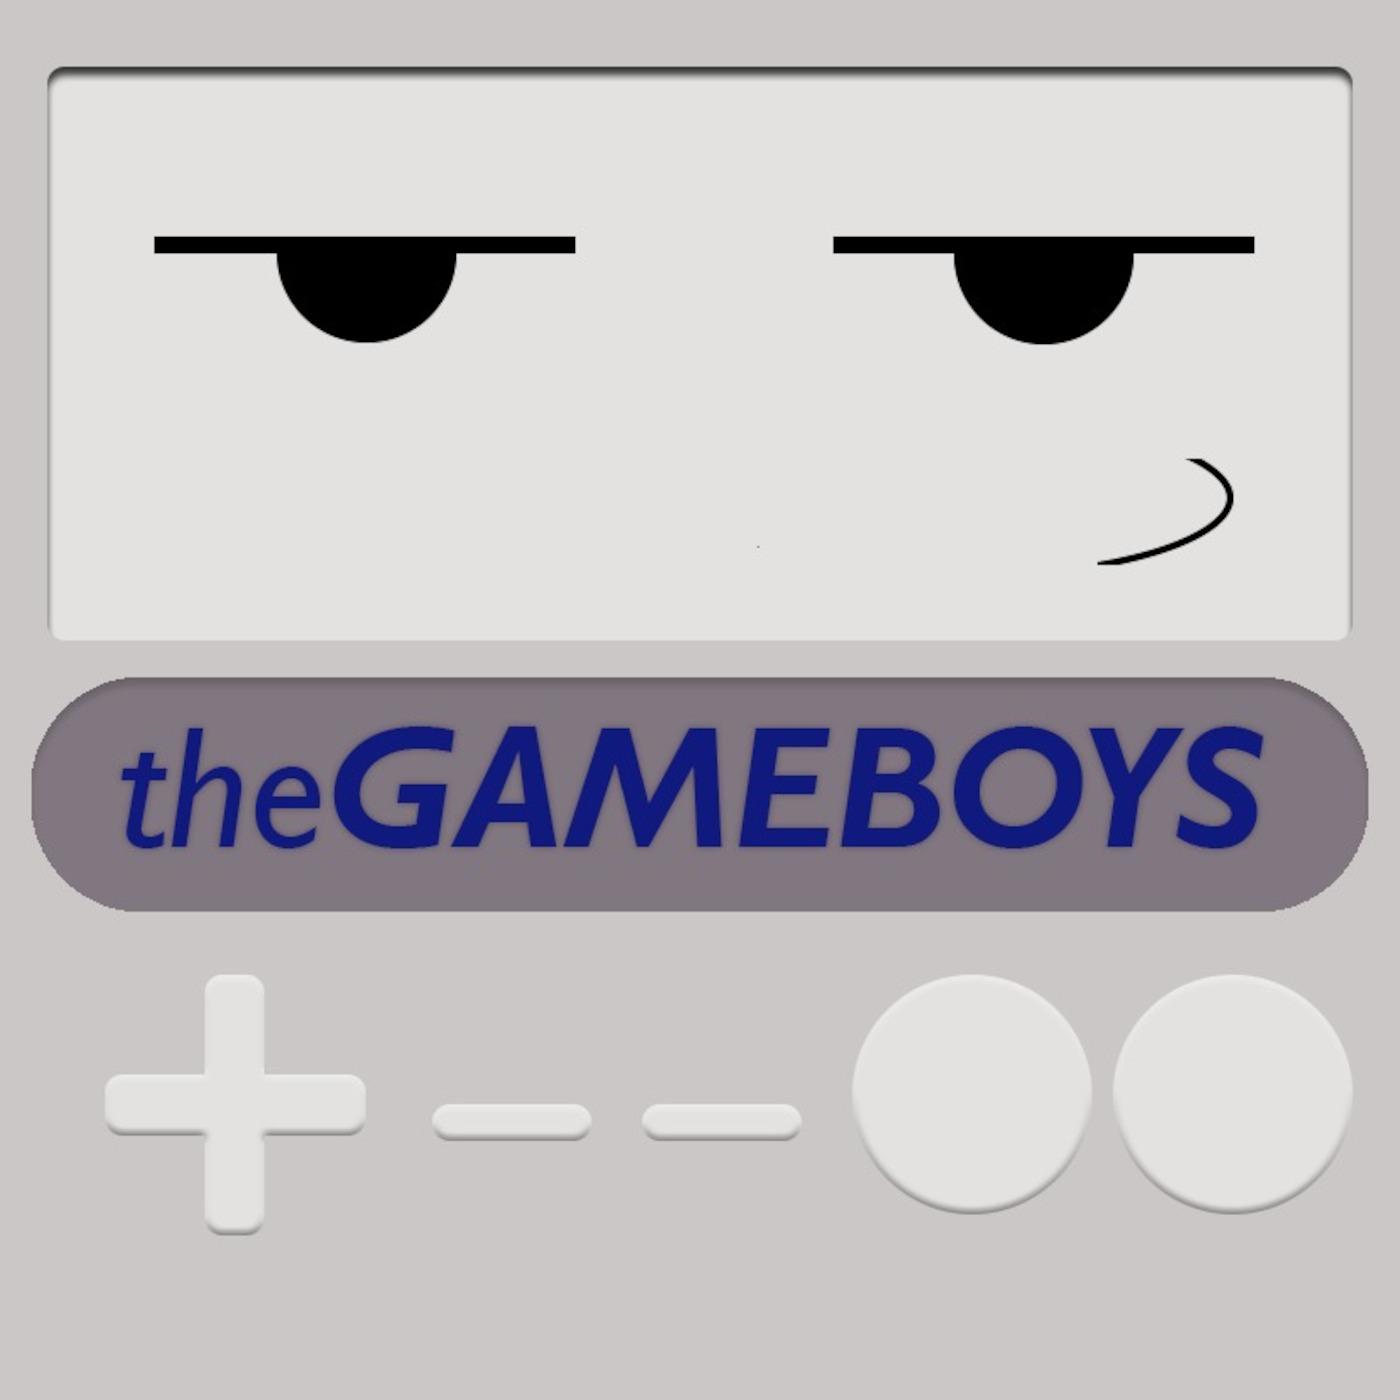 theGame Boys